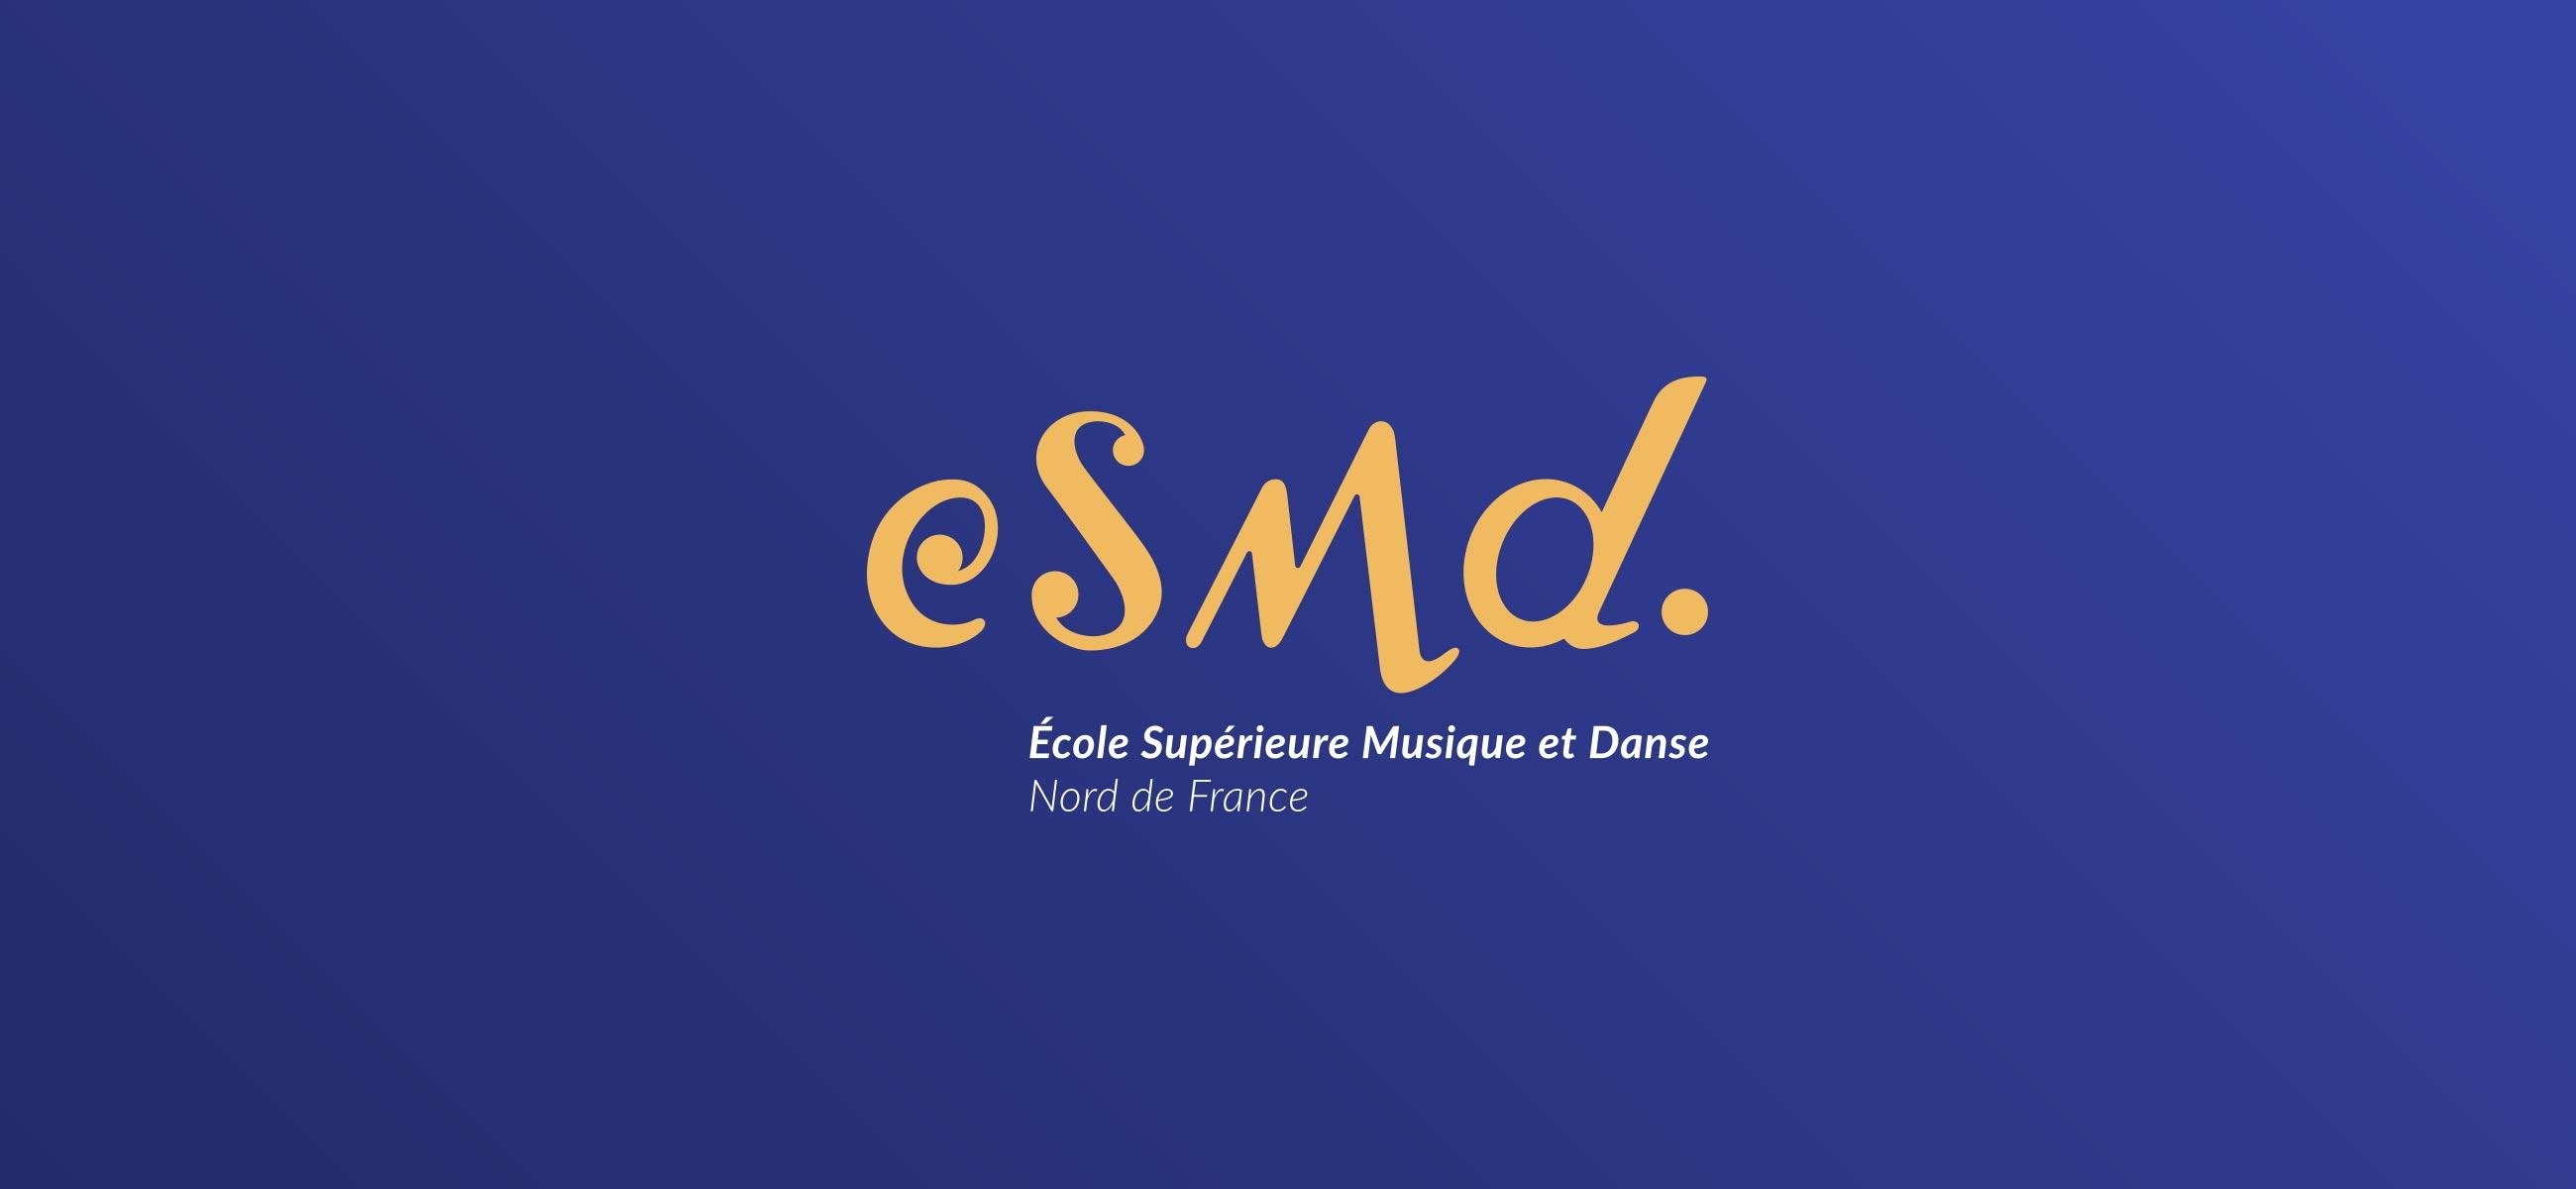 ecole_superieure_musique_danse_01_parallele_graphique